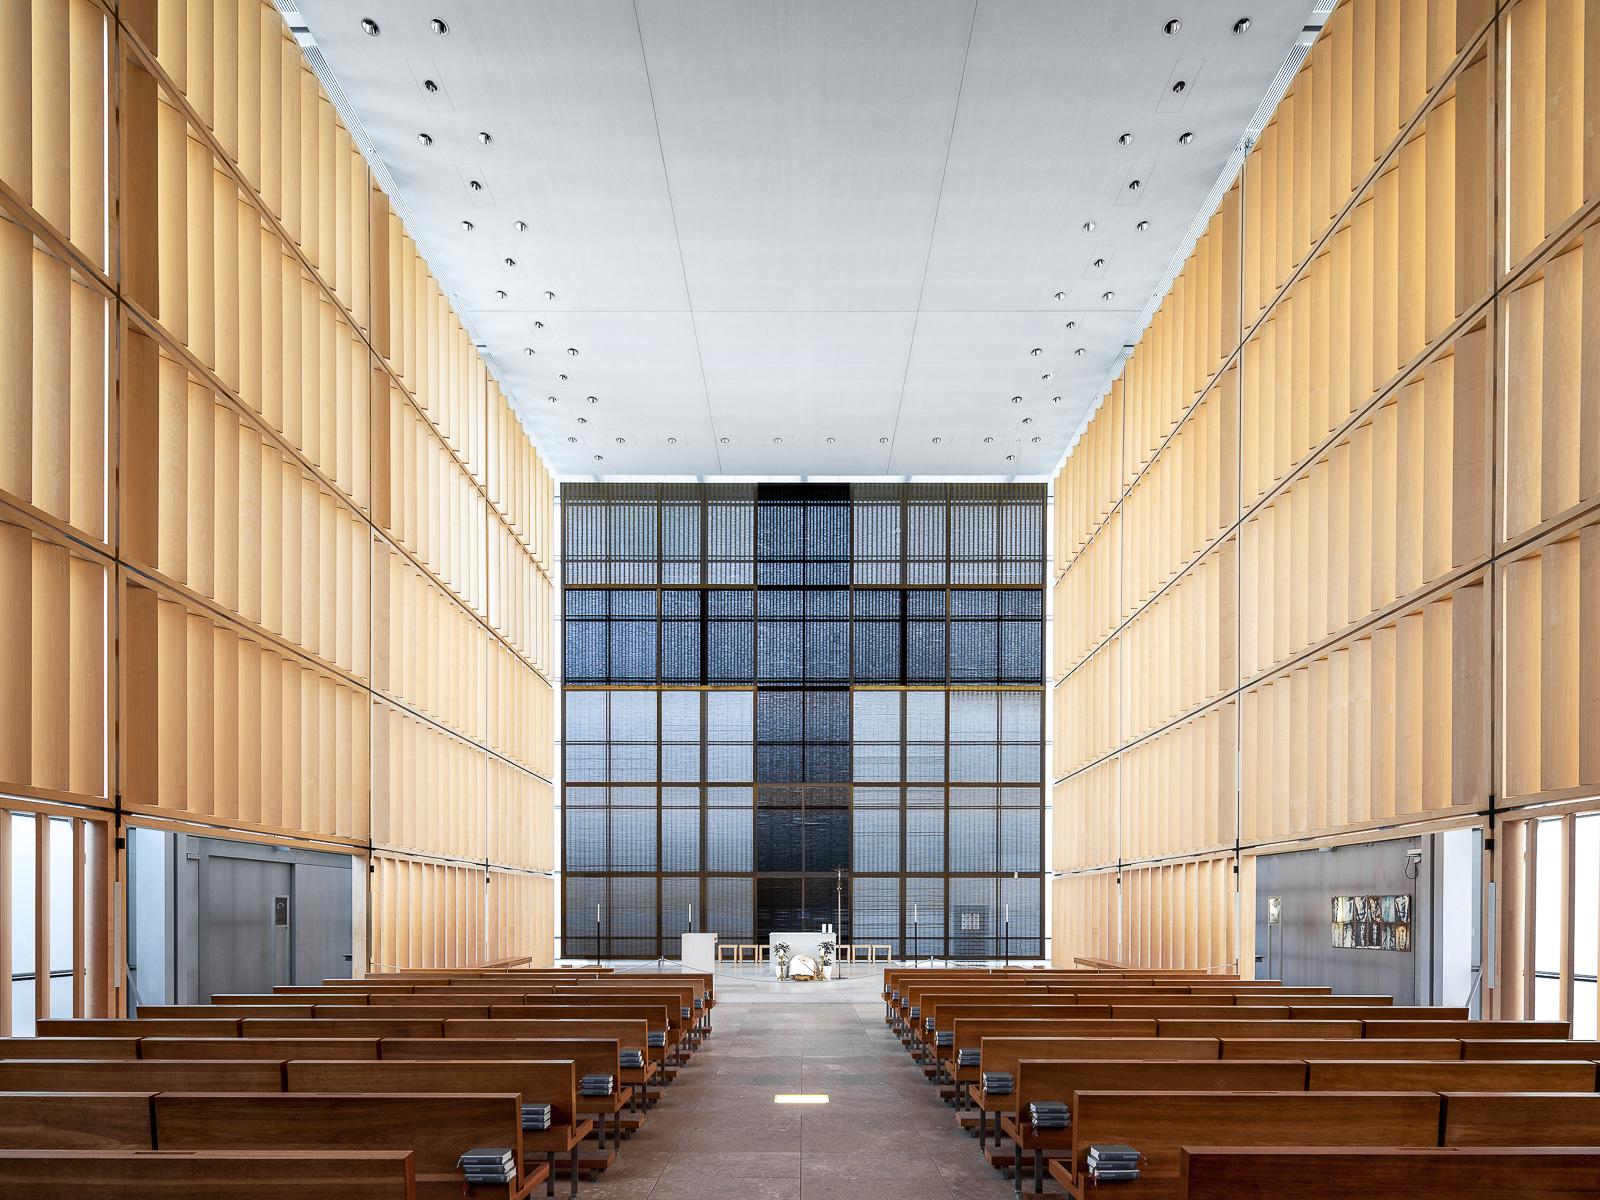 Herz Jesu Kirche, Munich, Germany (Sattler, Allmann et Wappner, 2000)